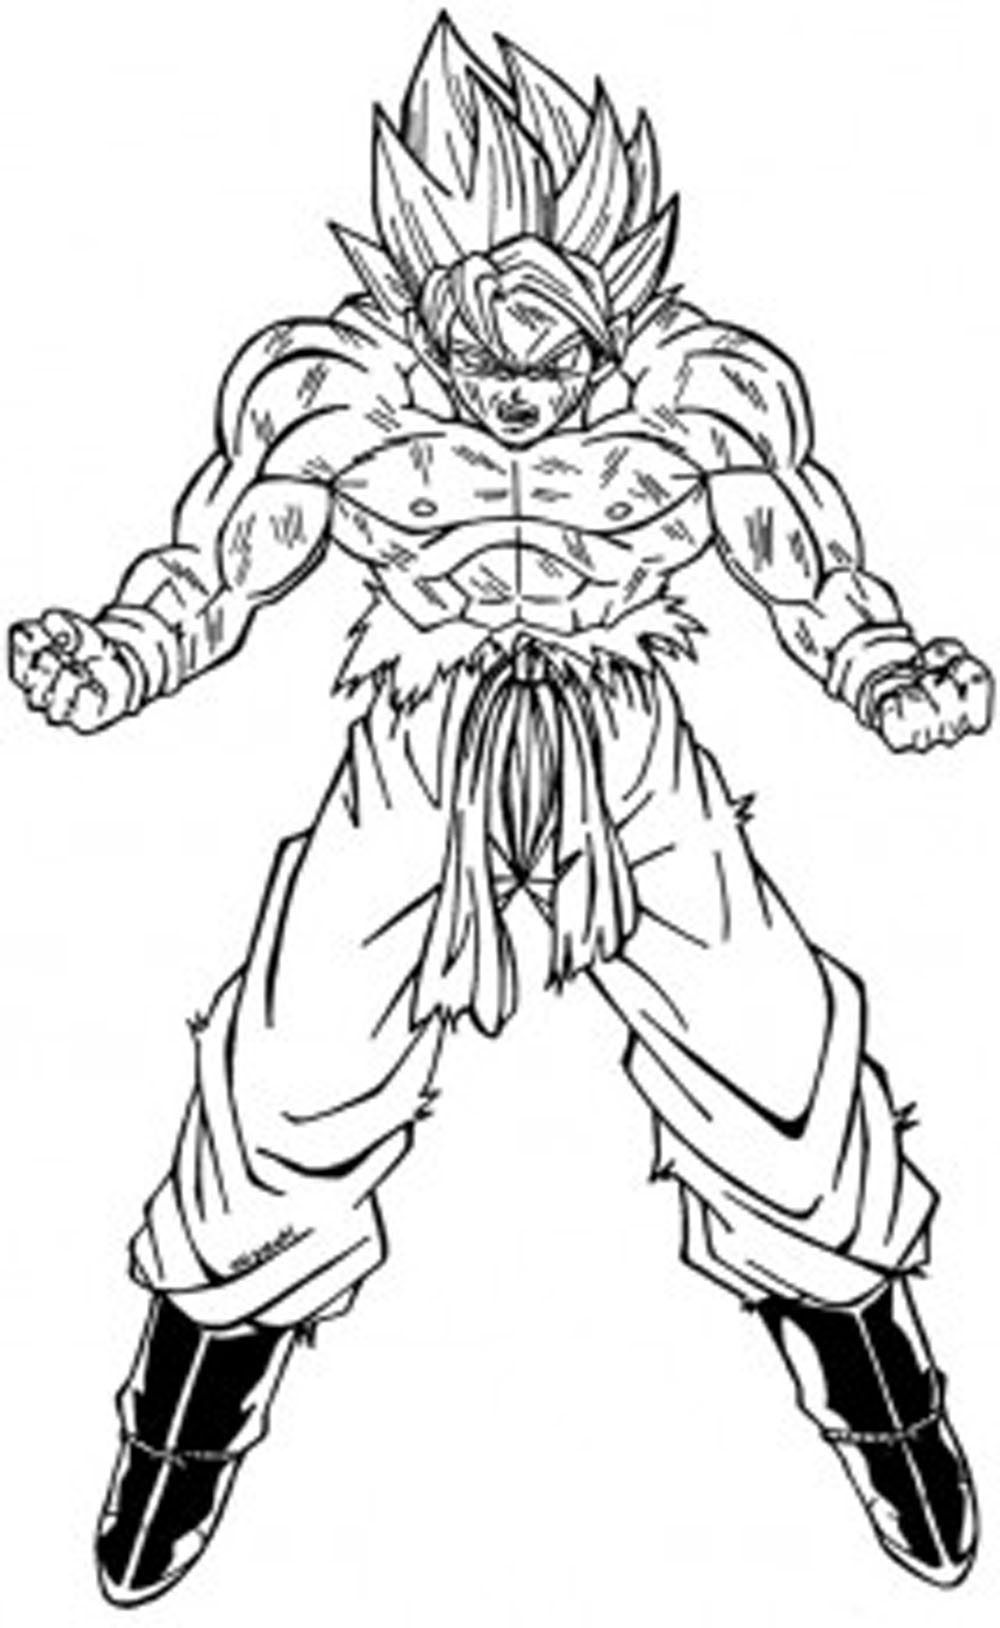 50 Imagenes De Goku Para Dibujar Dibujo Para Imprimir